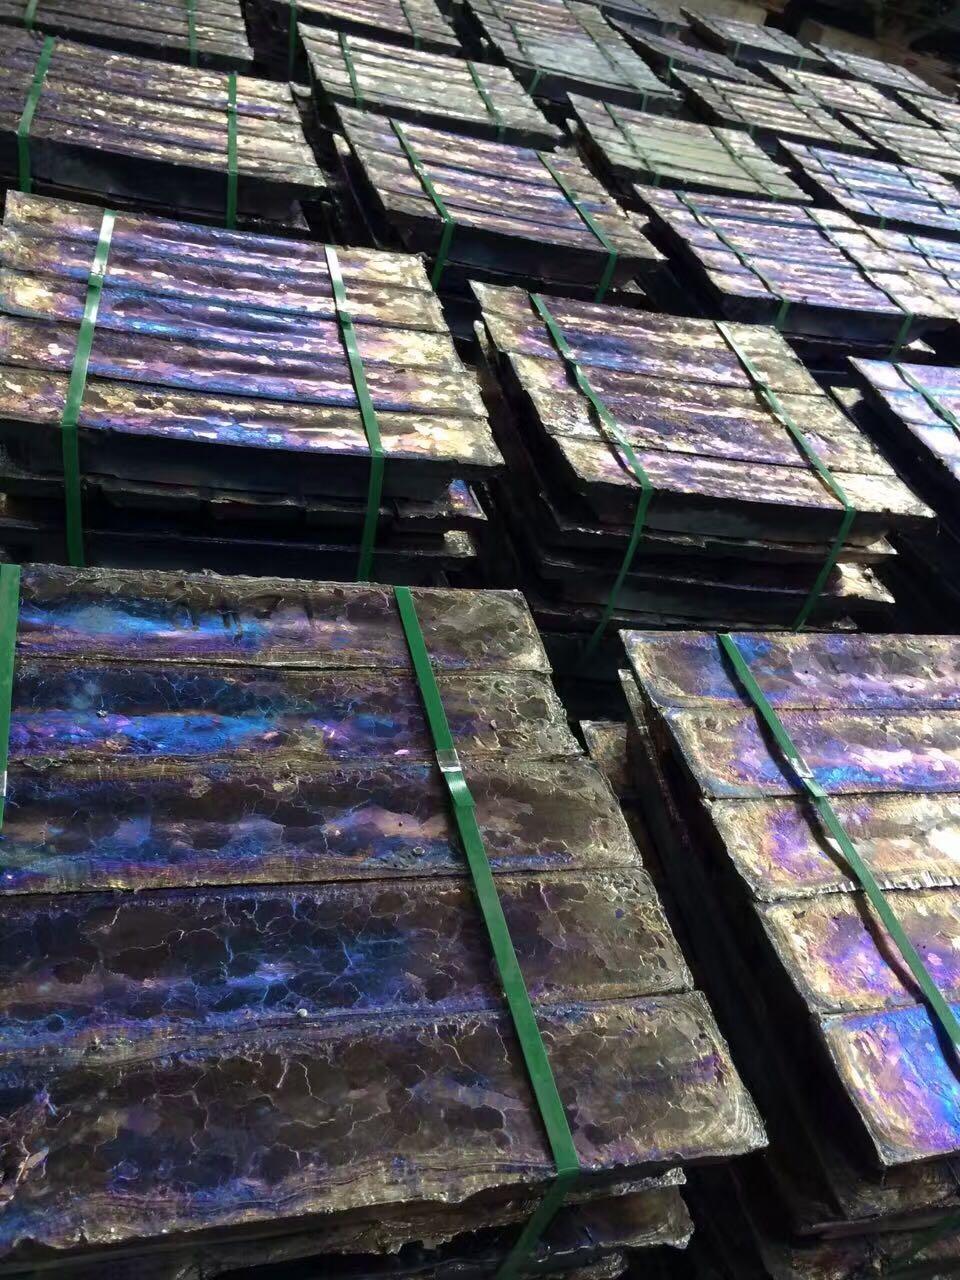 来自江平发布的供应信息:长期出售电铅... - 永兴县宏兴环保科技有限公司